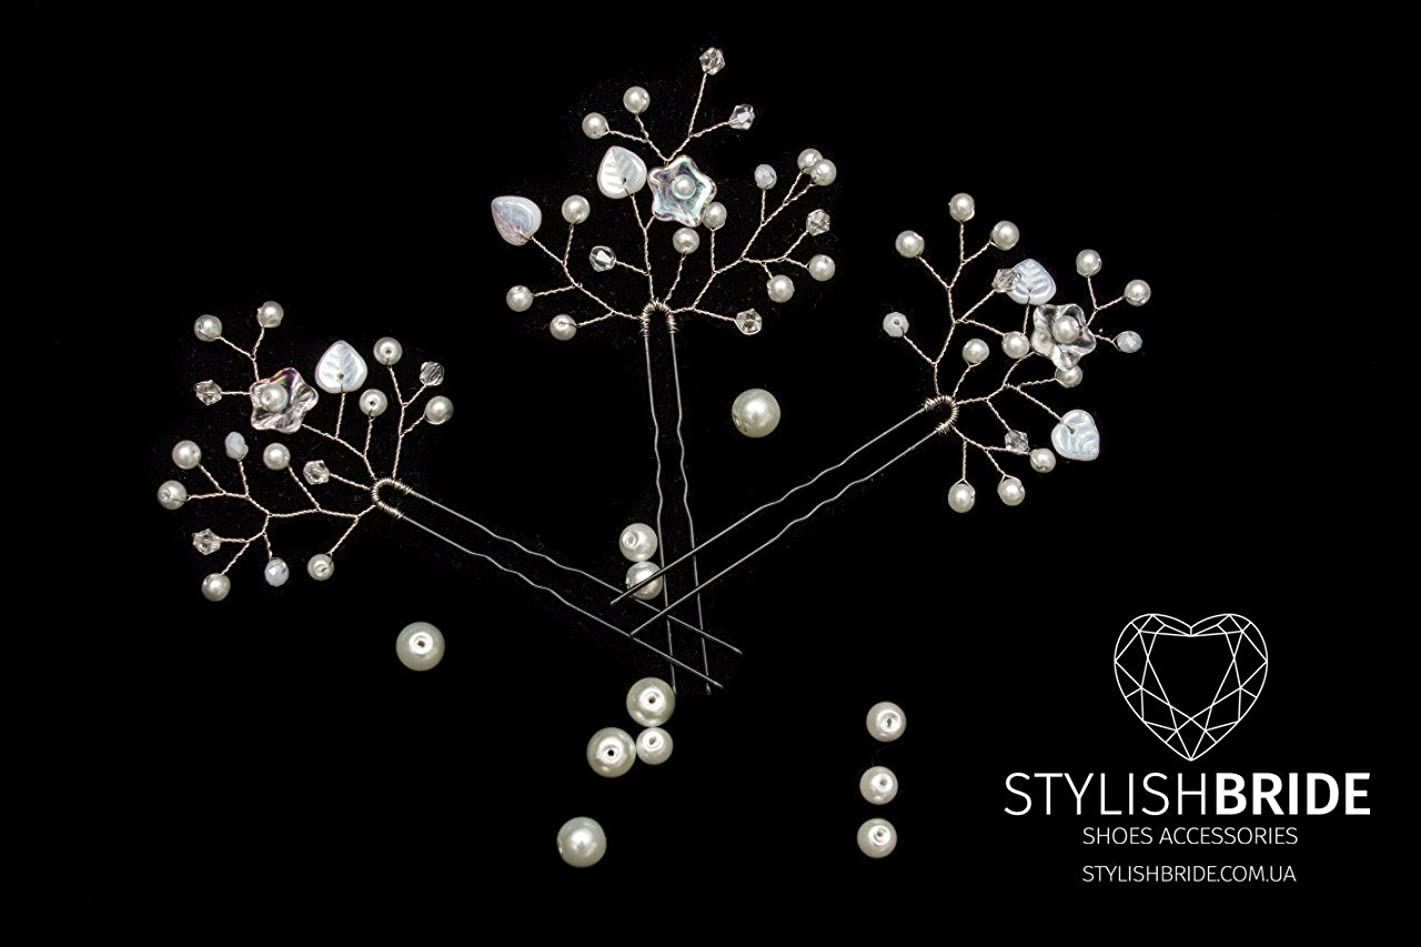 Bridal Floral Hair Pins, Pearl Hair Pins, Wedding Hair Accessories, Bridesmaid Hair Accessory, Crystal Pearl Diamante Hair Grips